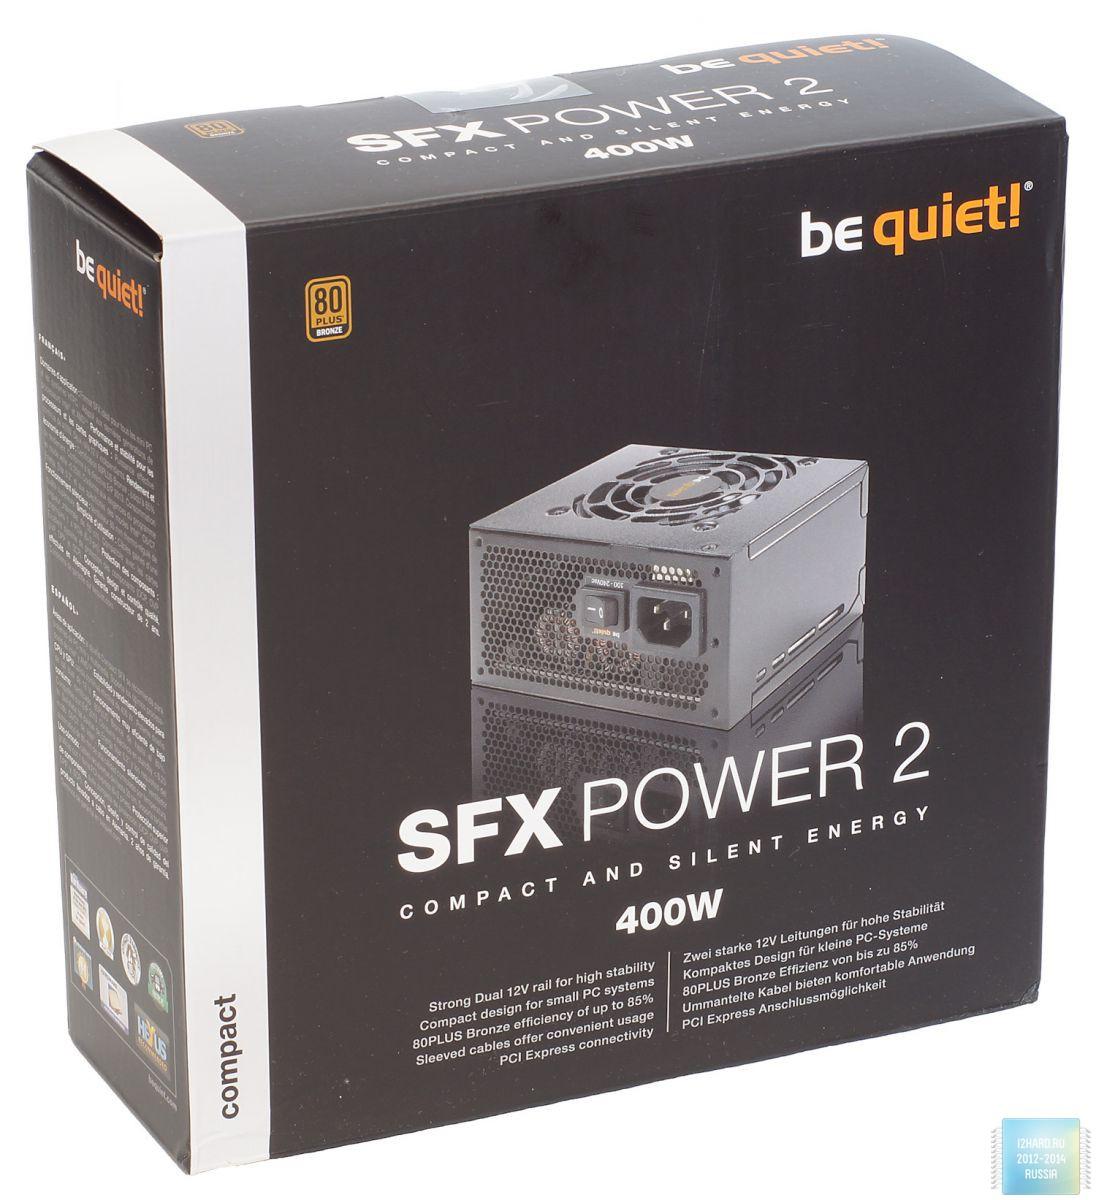 Упаковка и комплектация блока питания be quiet! SFX Power 2 400W